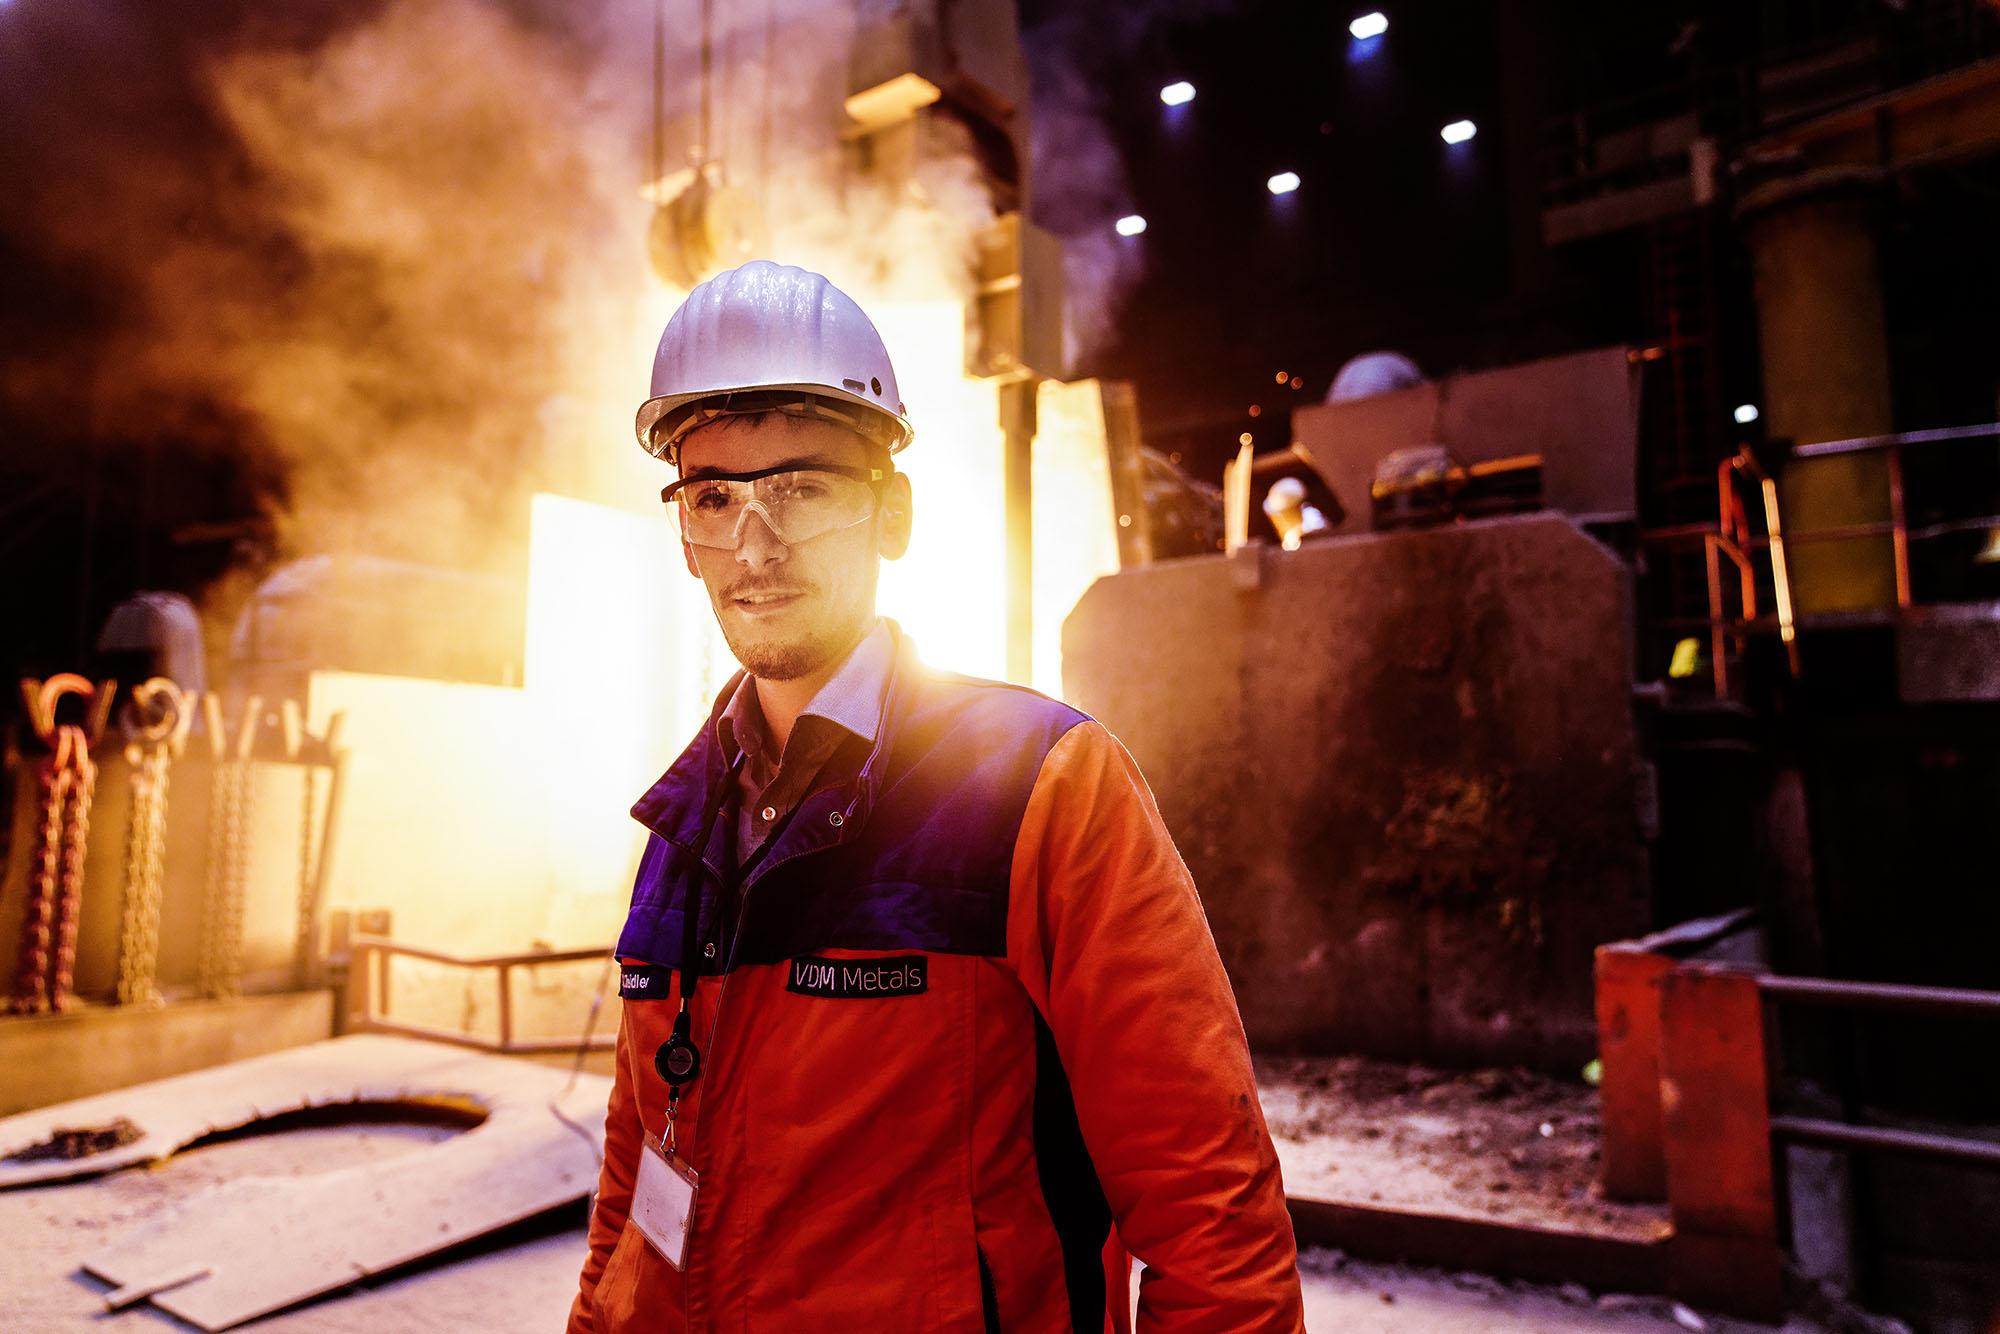 wolfram-schroll_Industriefotografie_vdm19_08